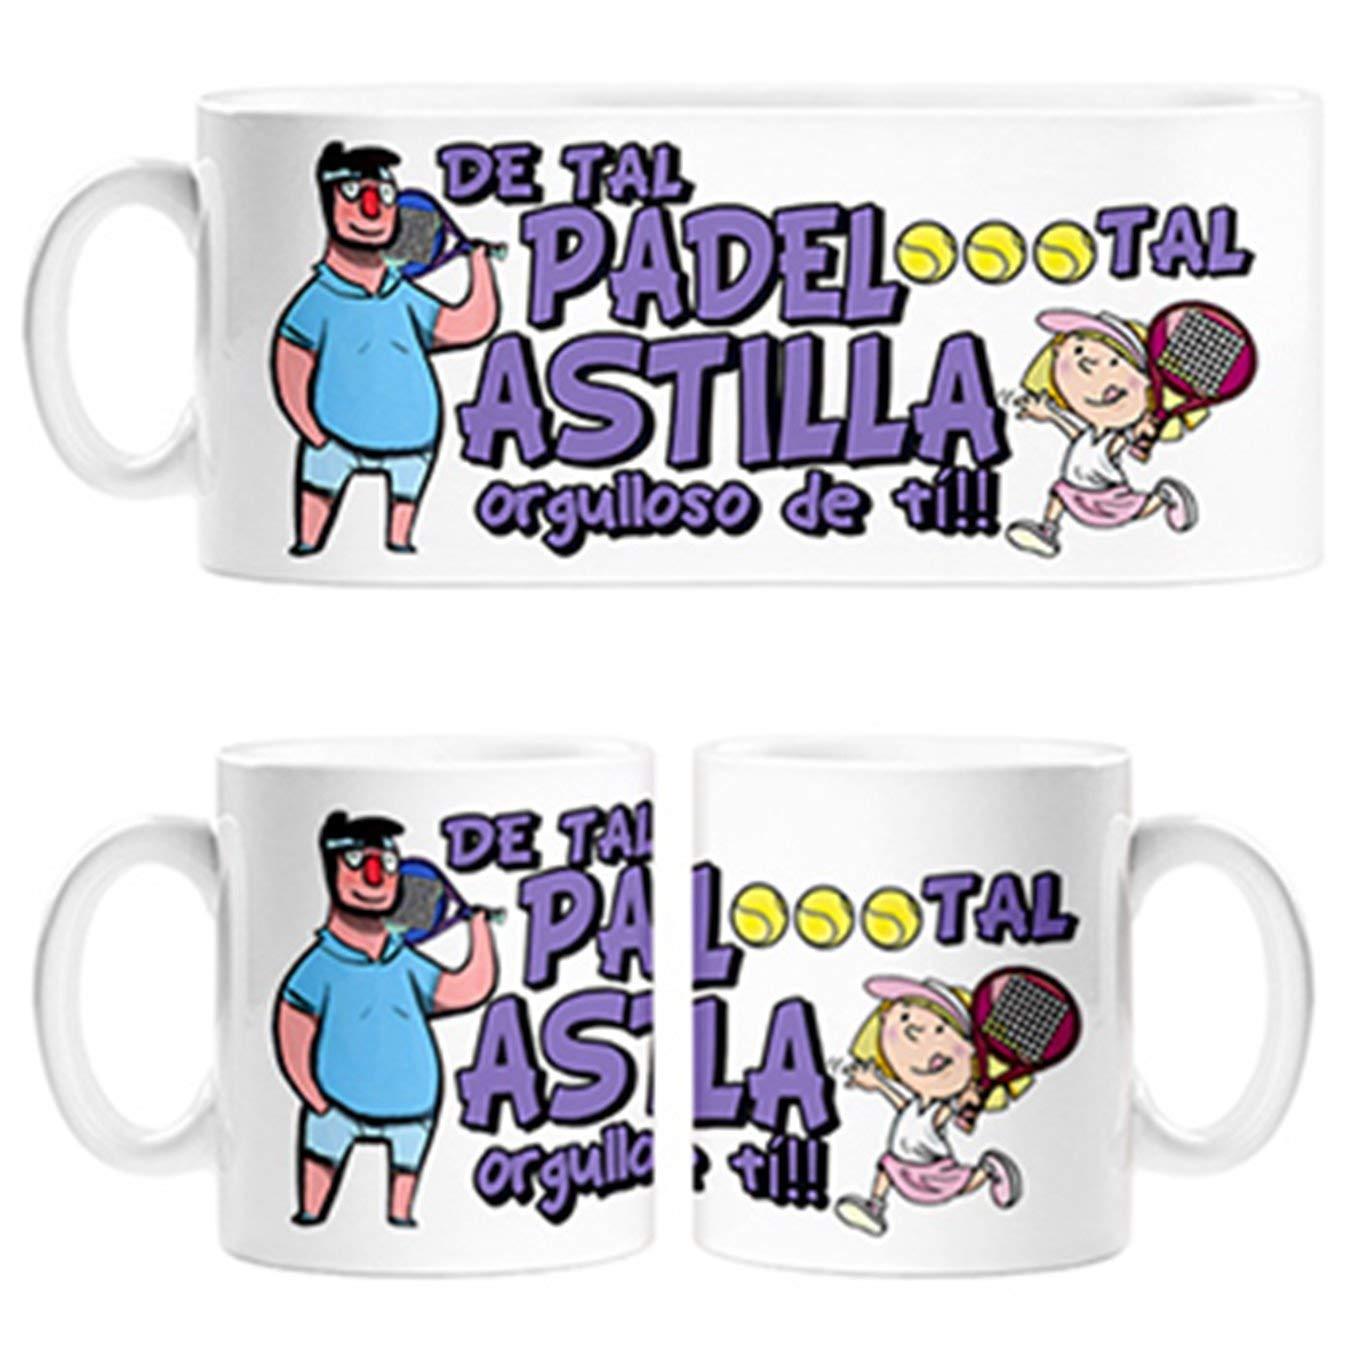 Taza Padre y niña de Tal Padel Tal Astilla Orgulloso de ti ...